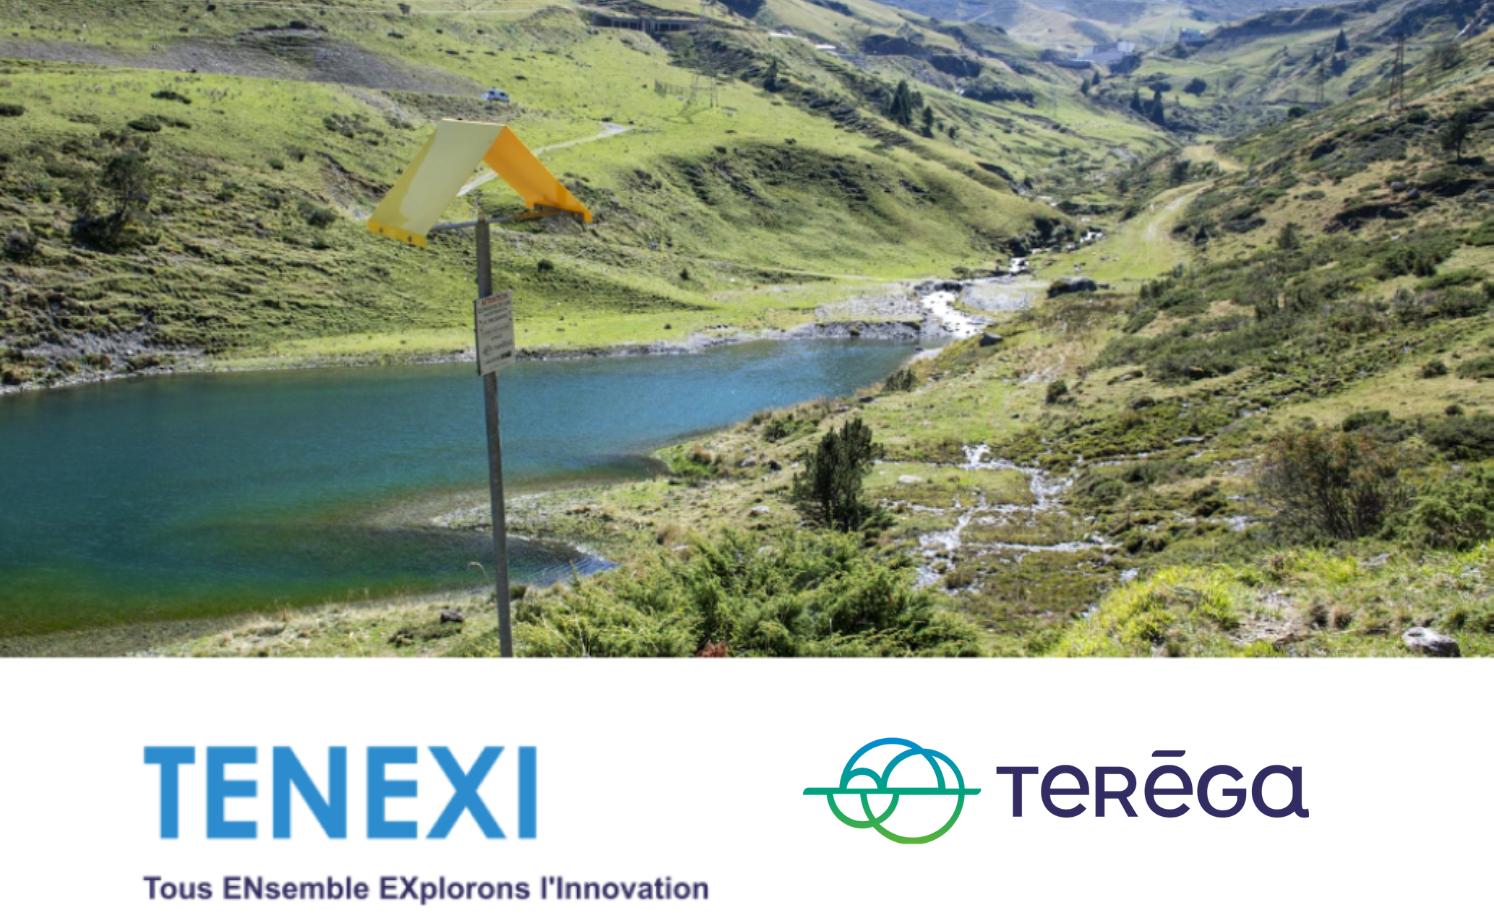 Appel à solutions innovantes dans le domaine de la gestion des risques associés aux opérations de maintenance – Challenge TENEXI TERÉGA